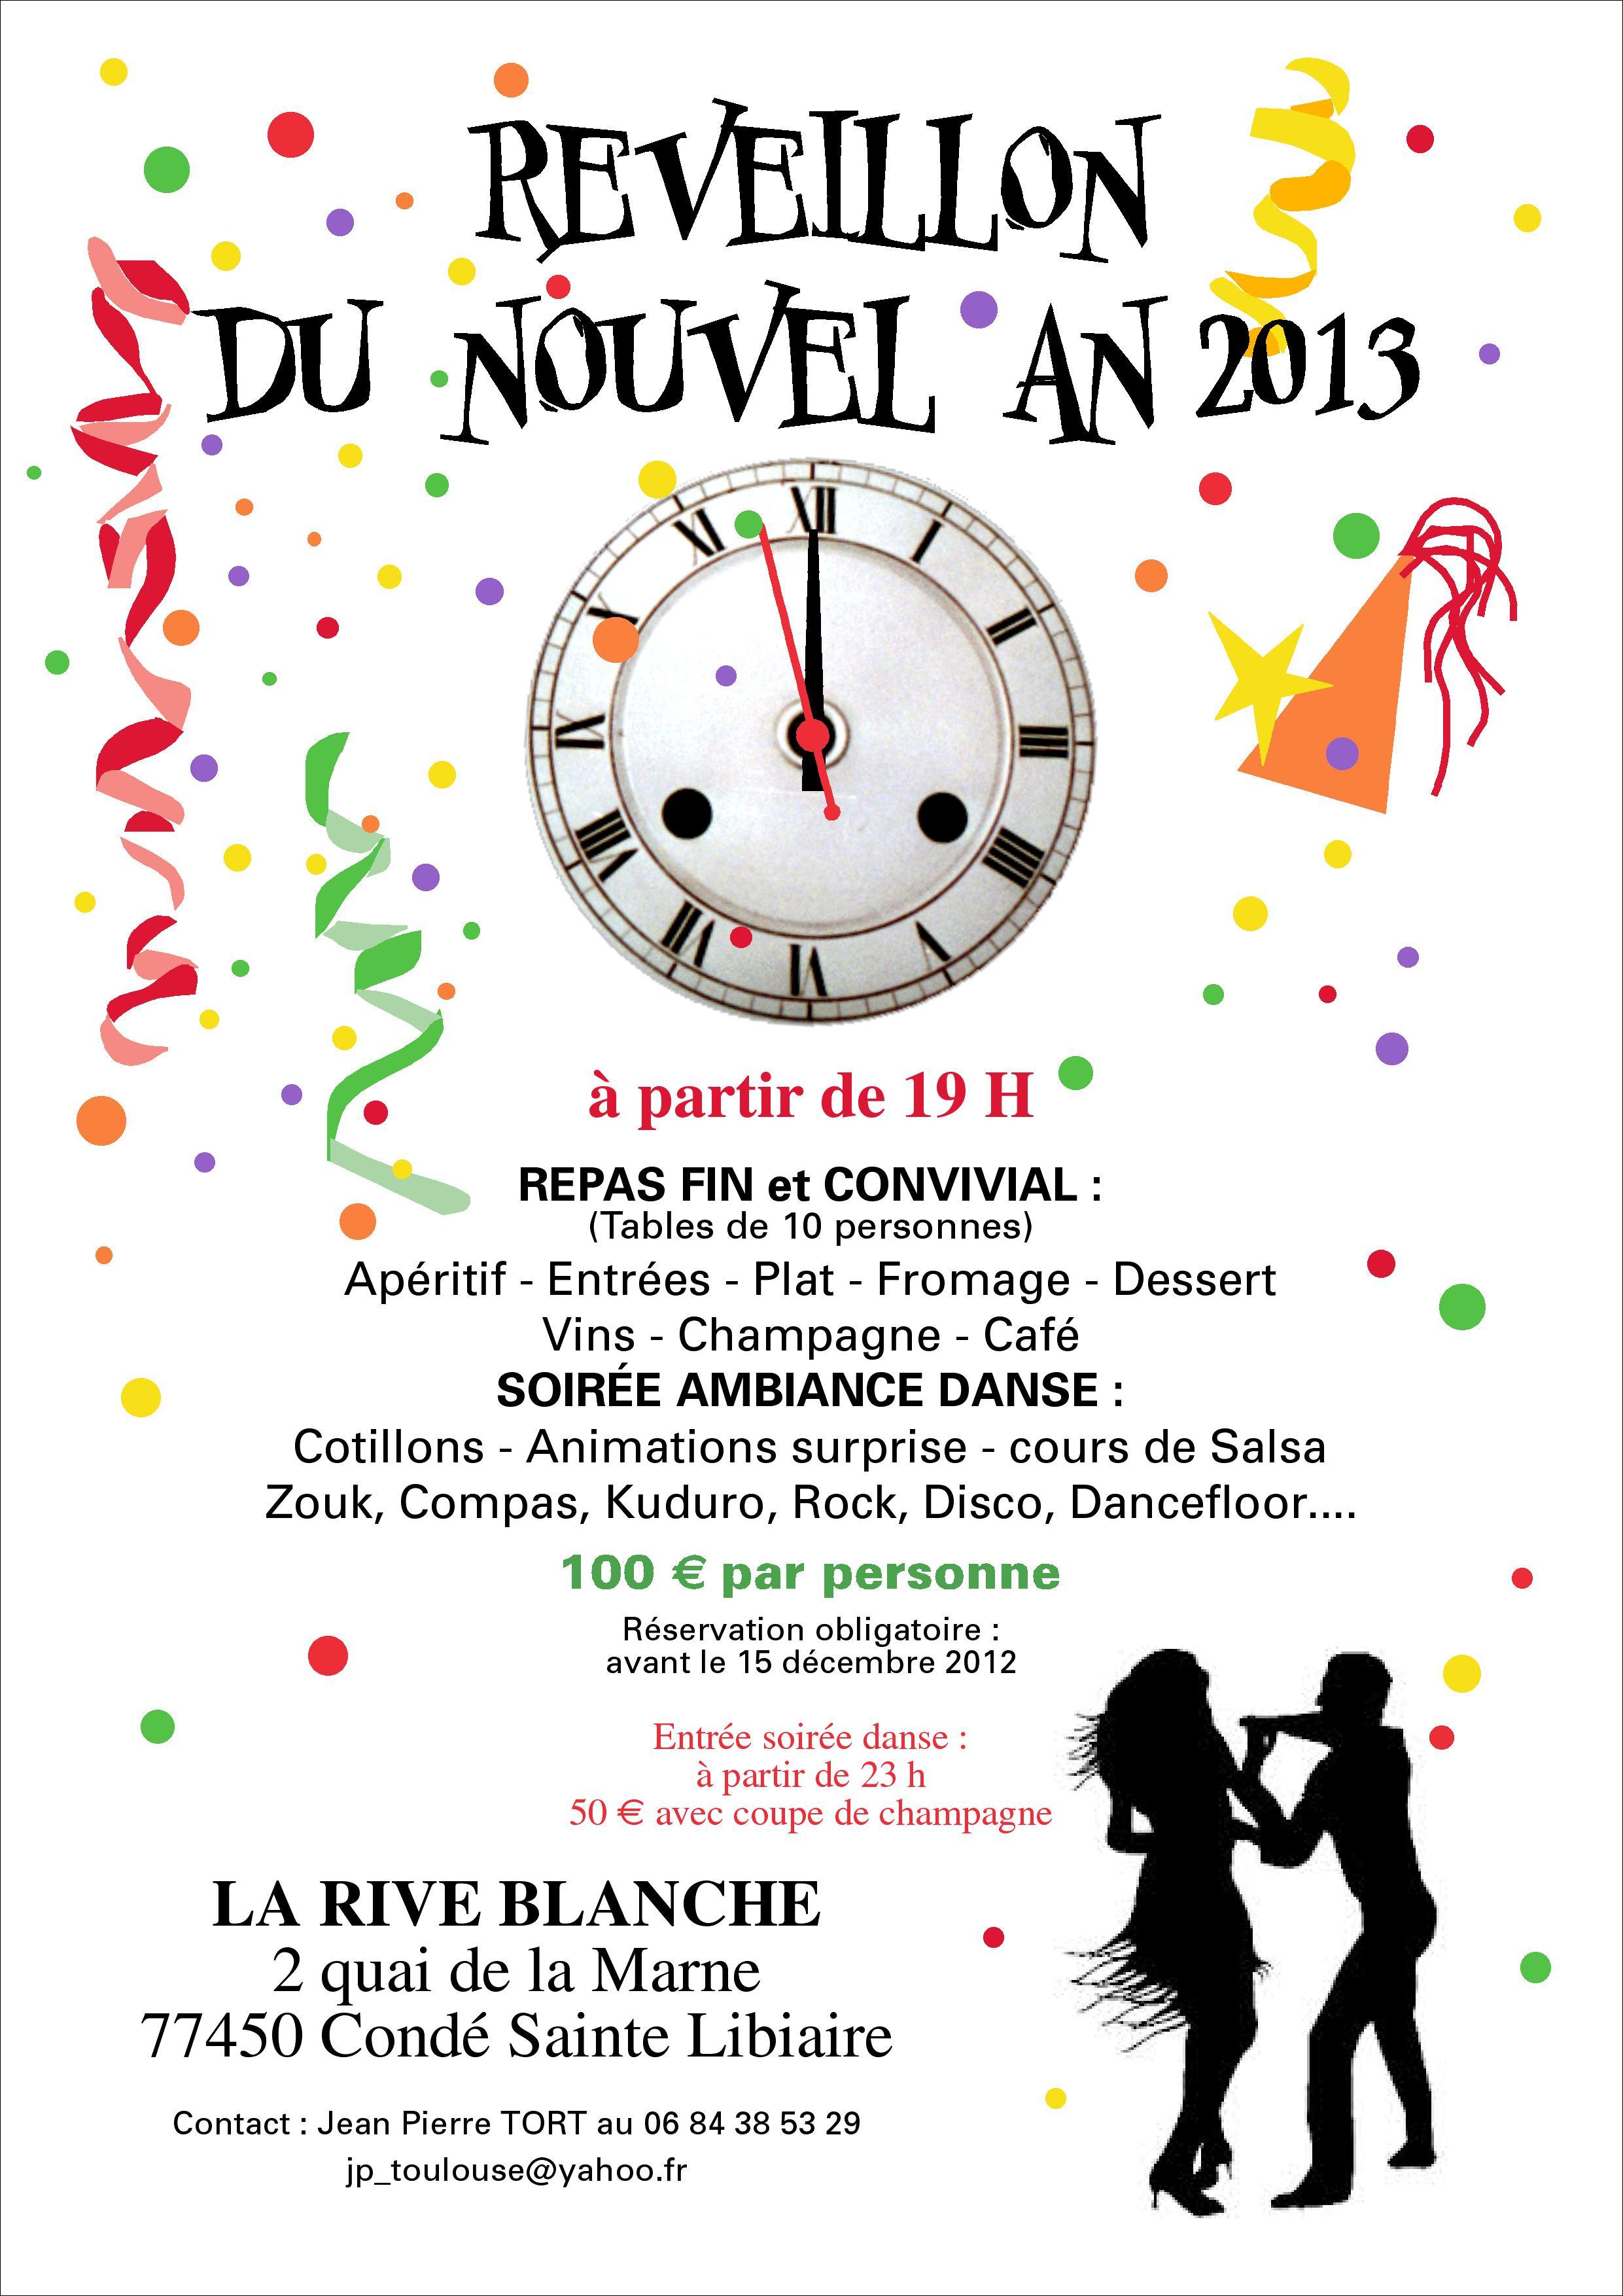 Soire dansante pour le reveillon 2013